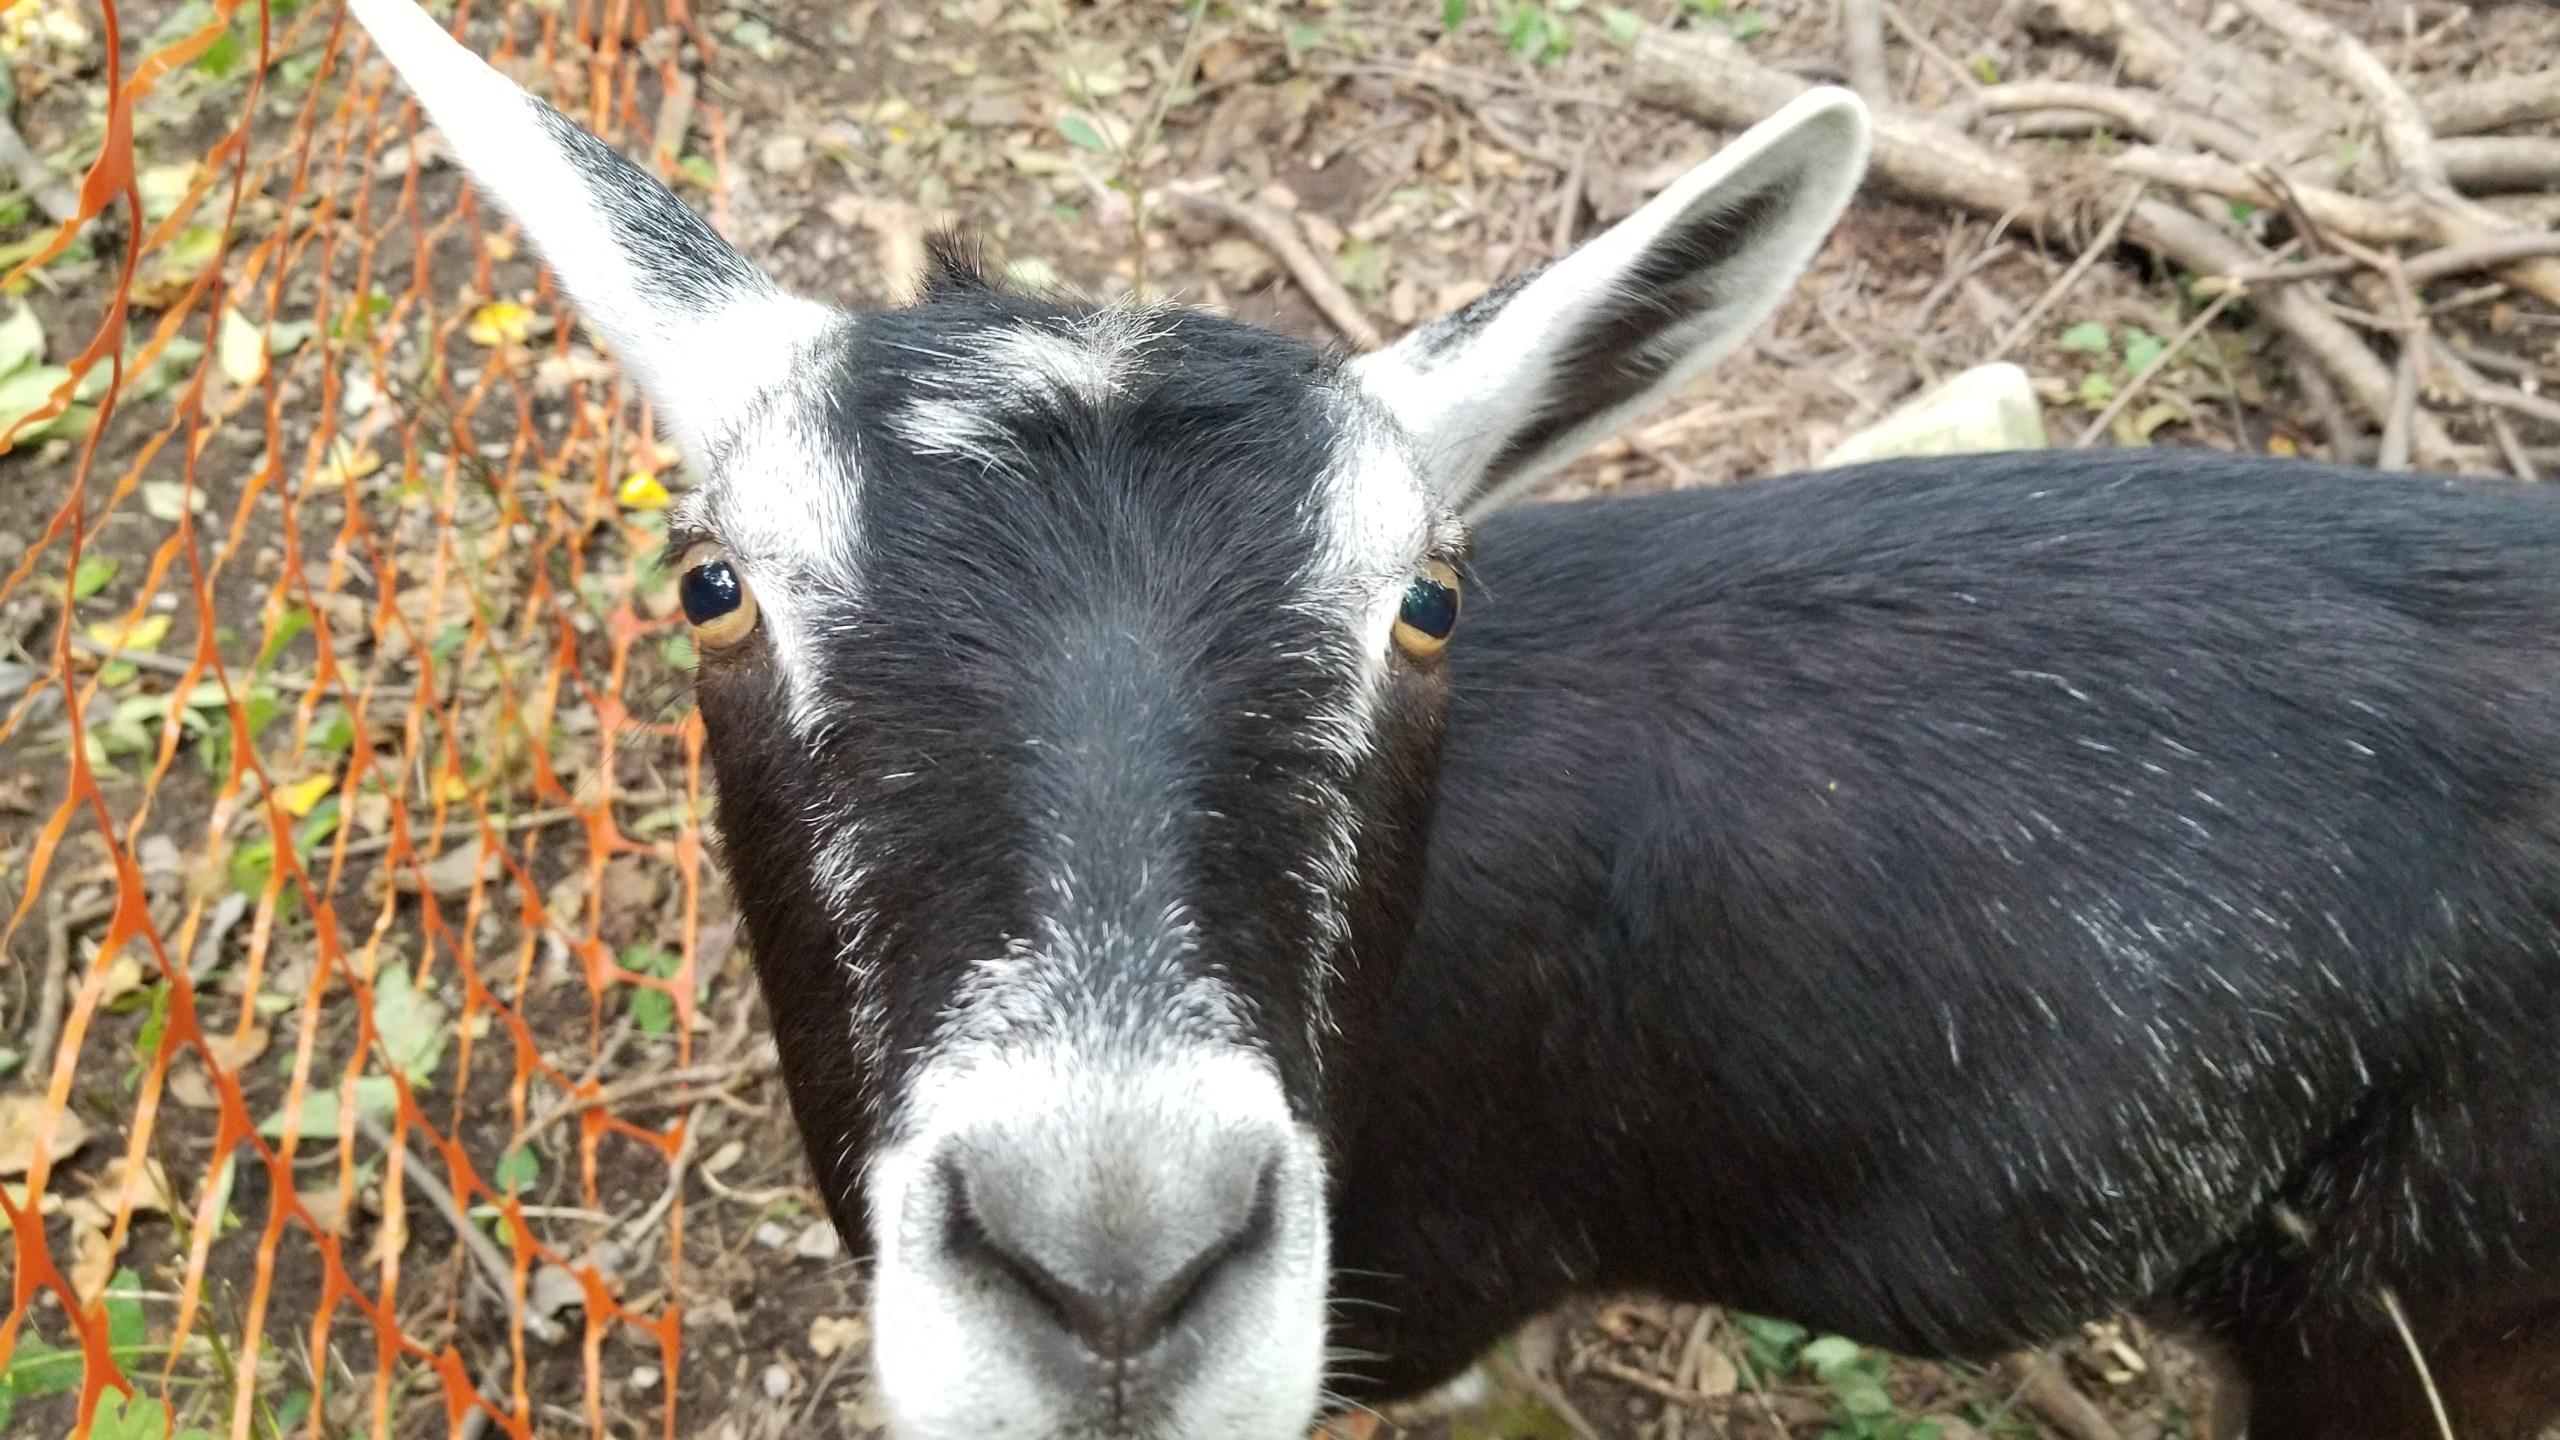 Goats_1537916189915.jpg